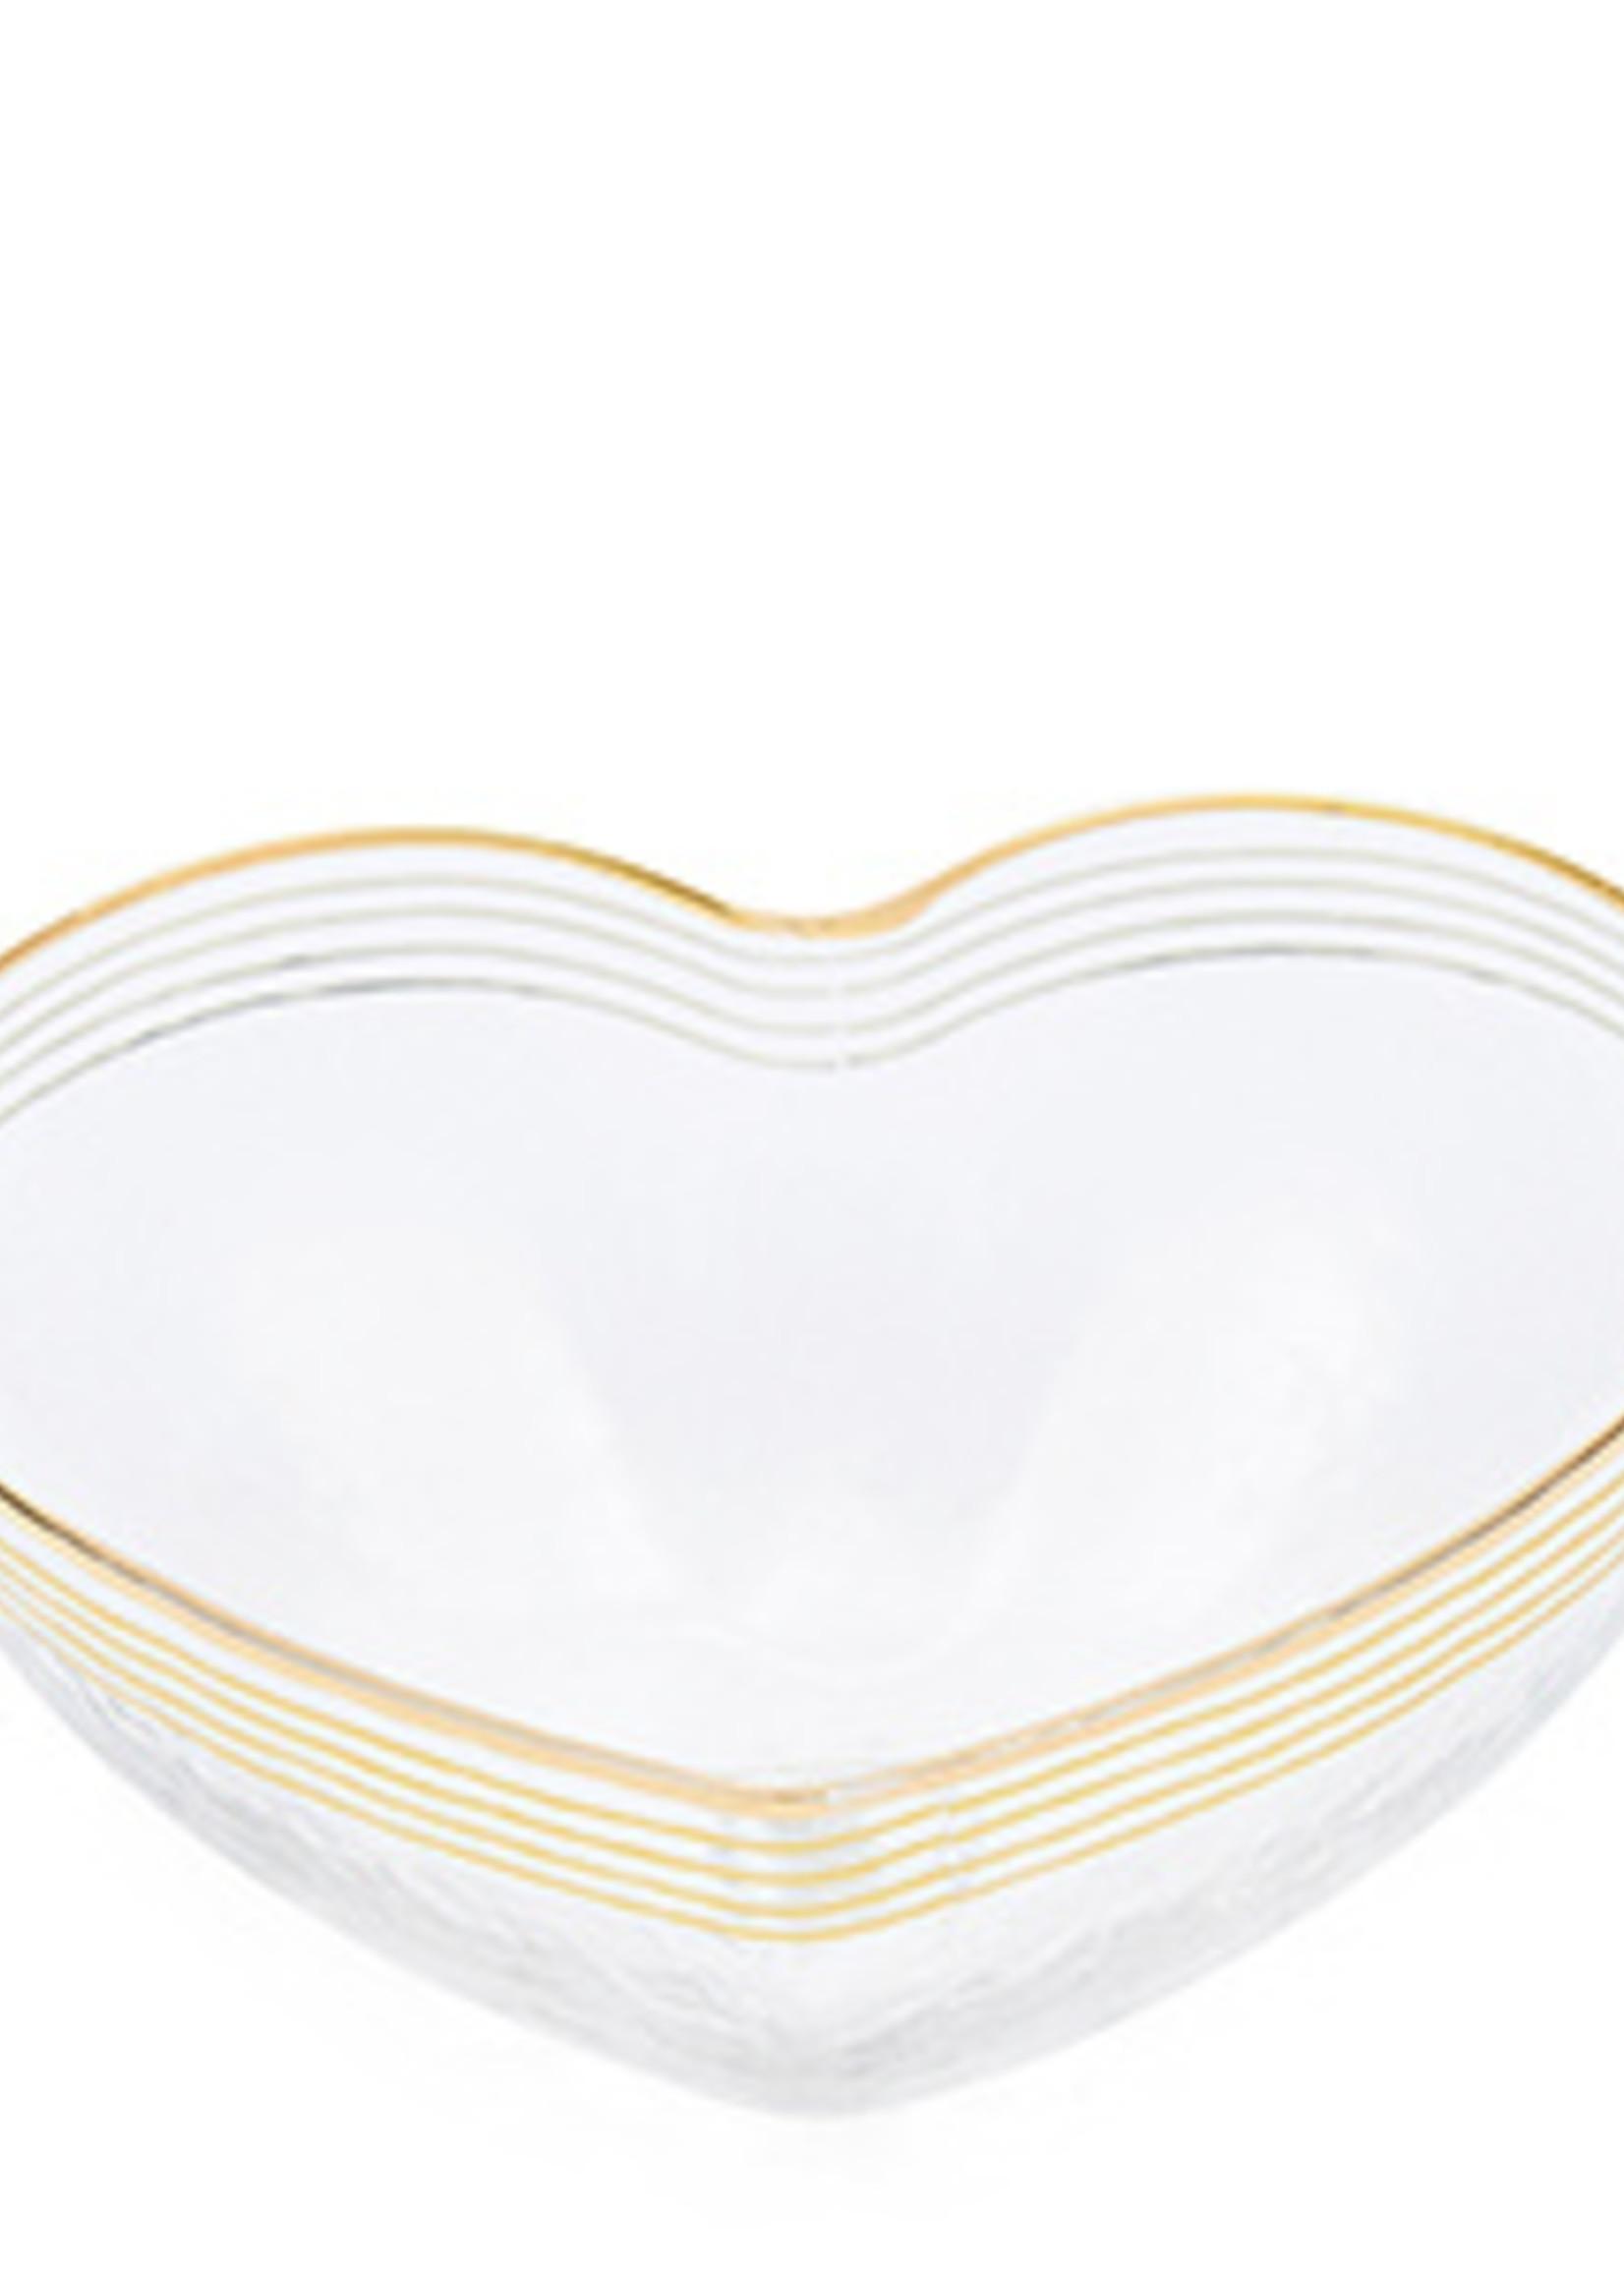 Riviera Maison Pretty Heart Bowl